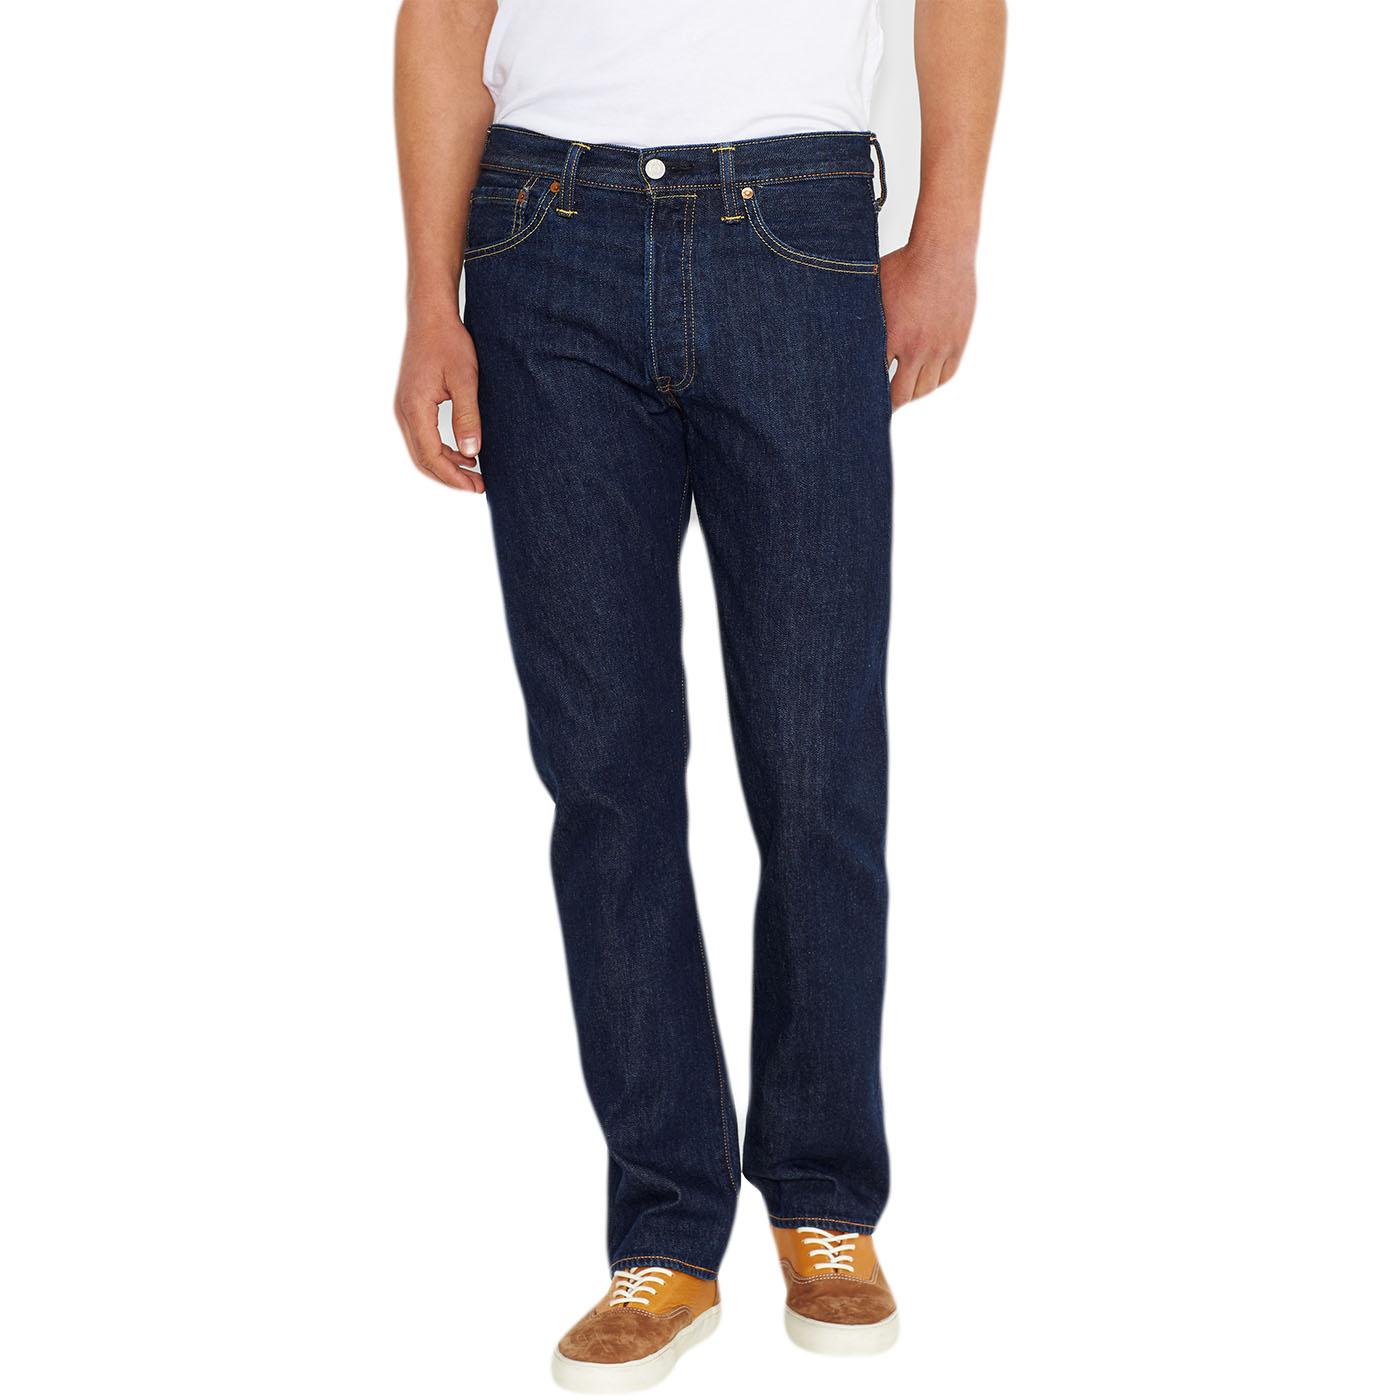 Levi Strauss 501 'One Wash' Jean